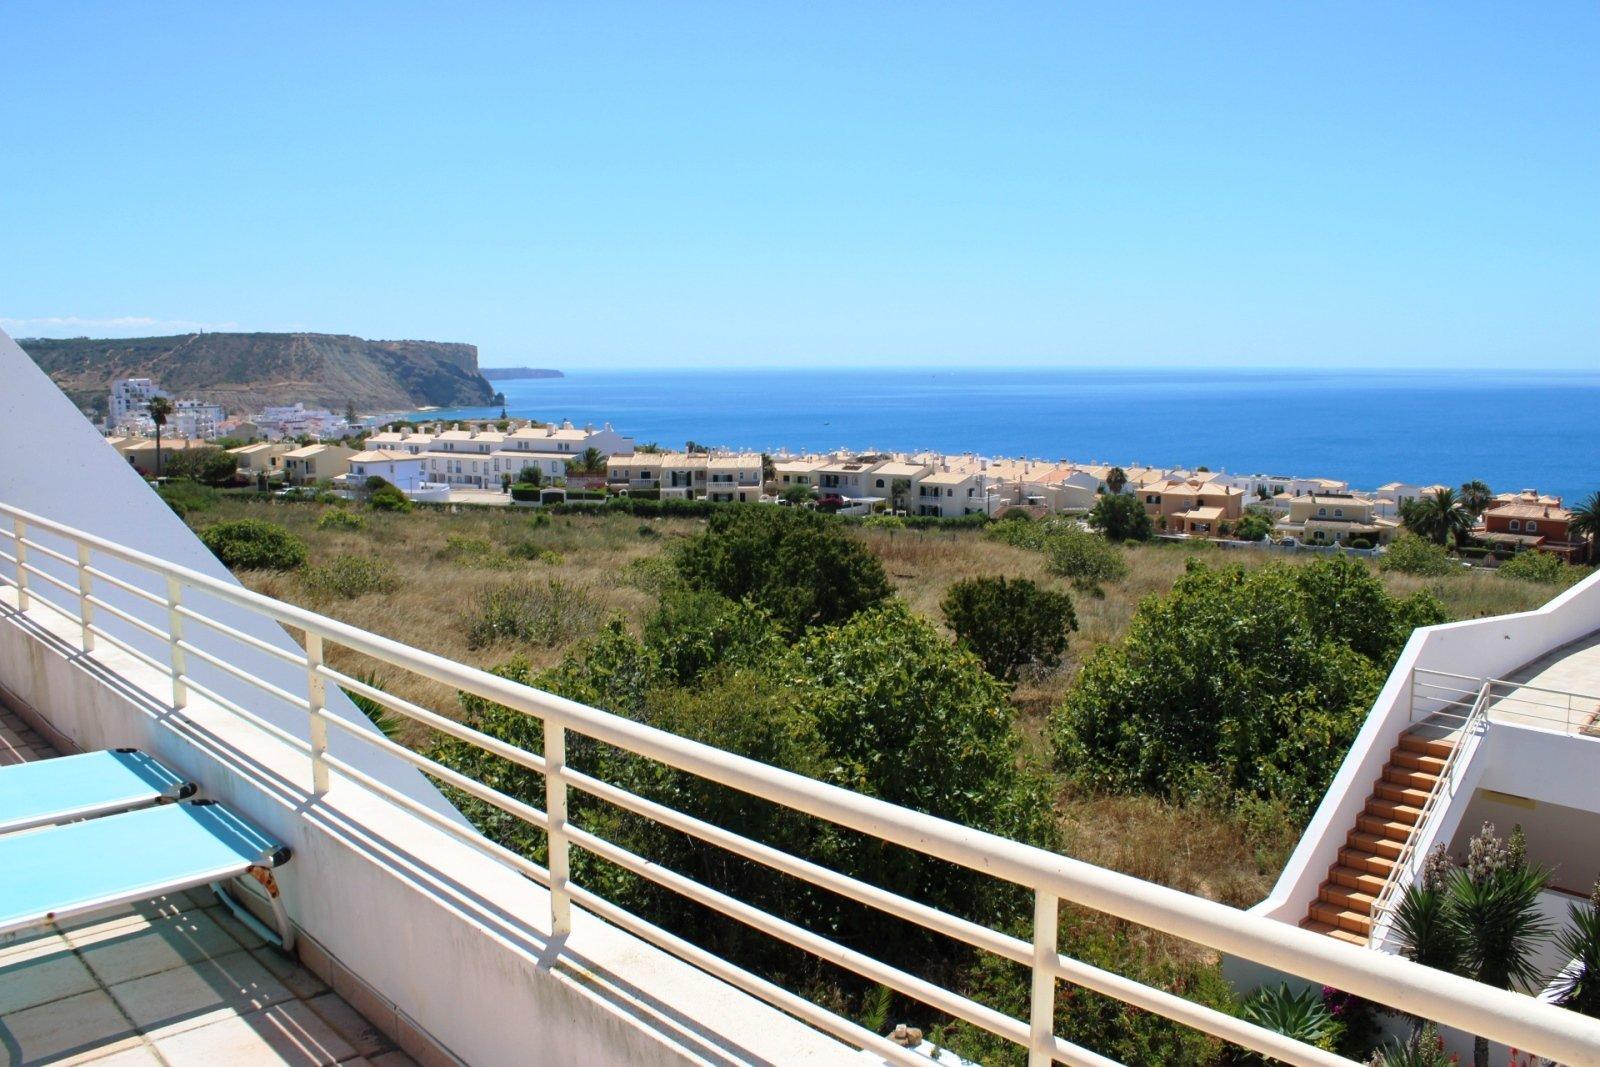 4 Bedroom Townhouse Praia da Luz, Western Algarve Ref: GV628